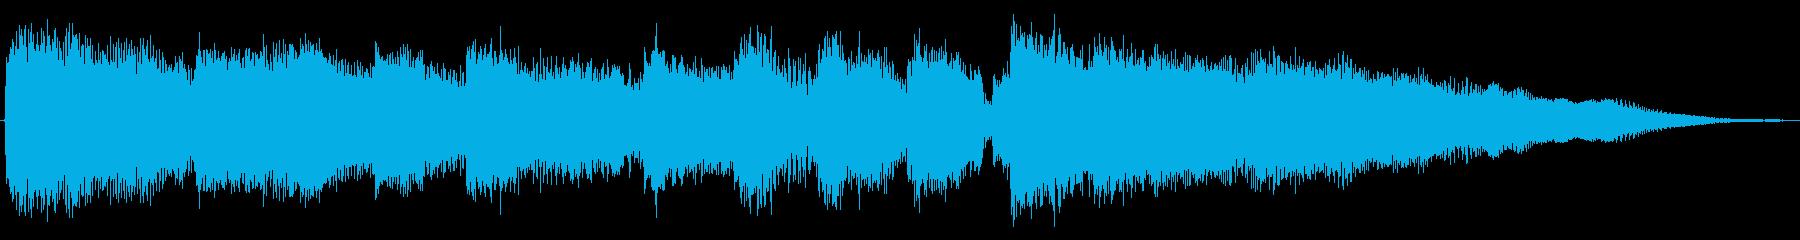 場面転換を想定したエレキギターのジングルの再生済みの波形